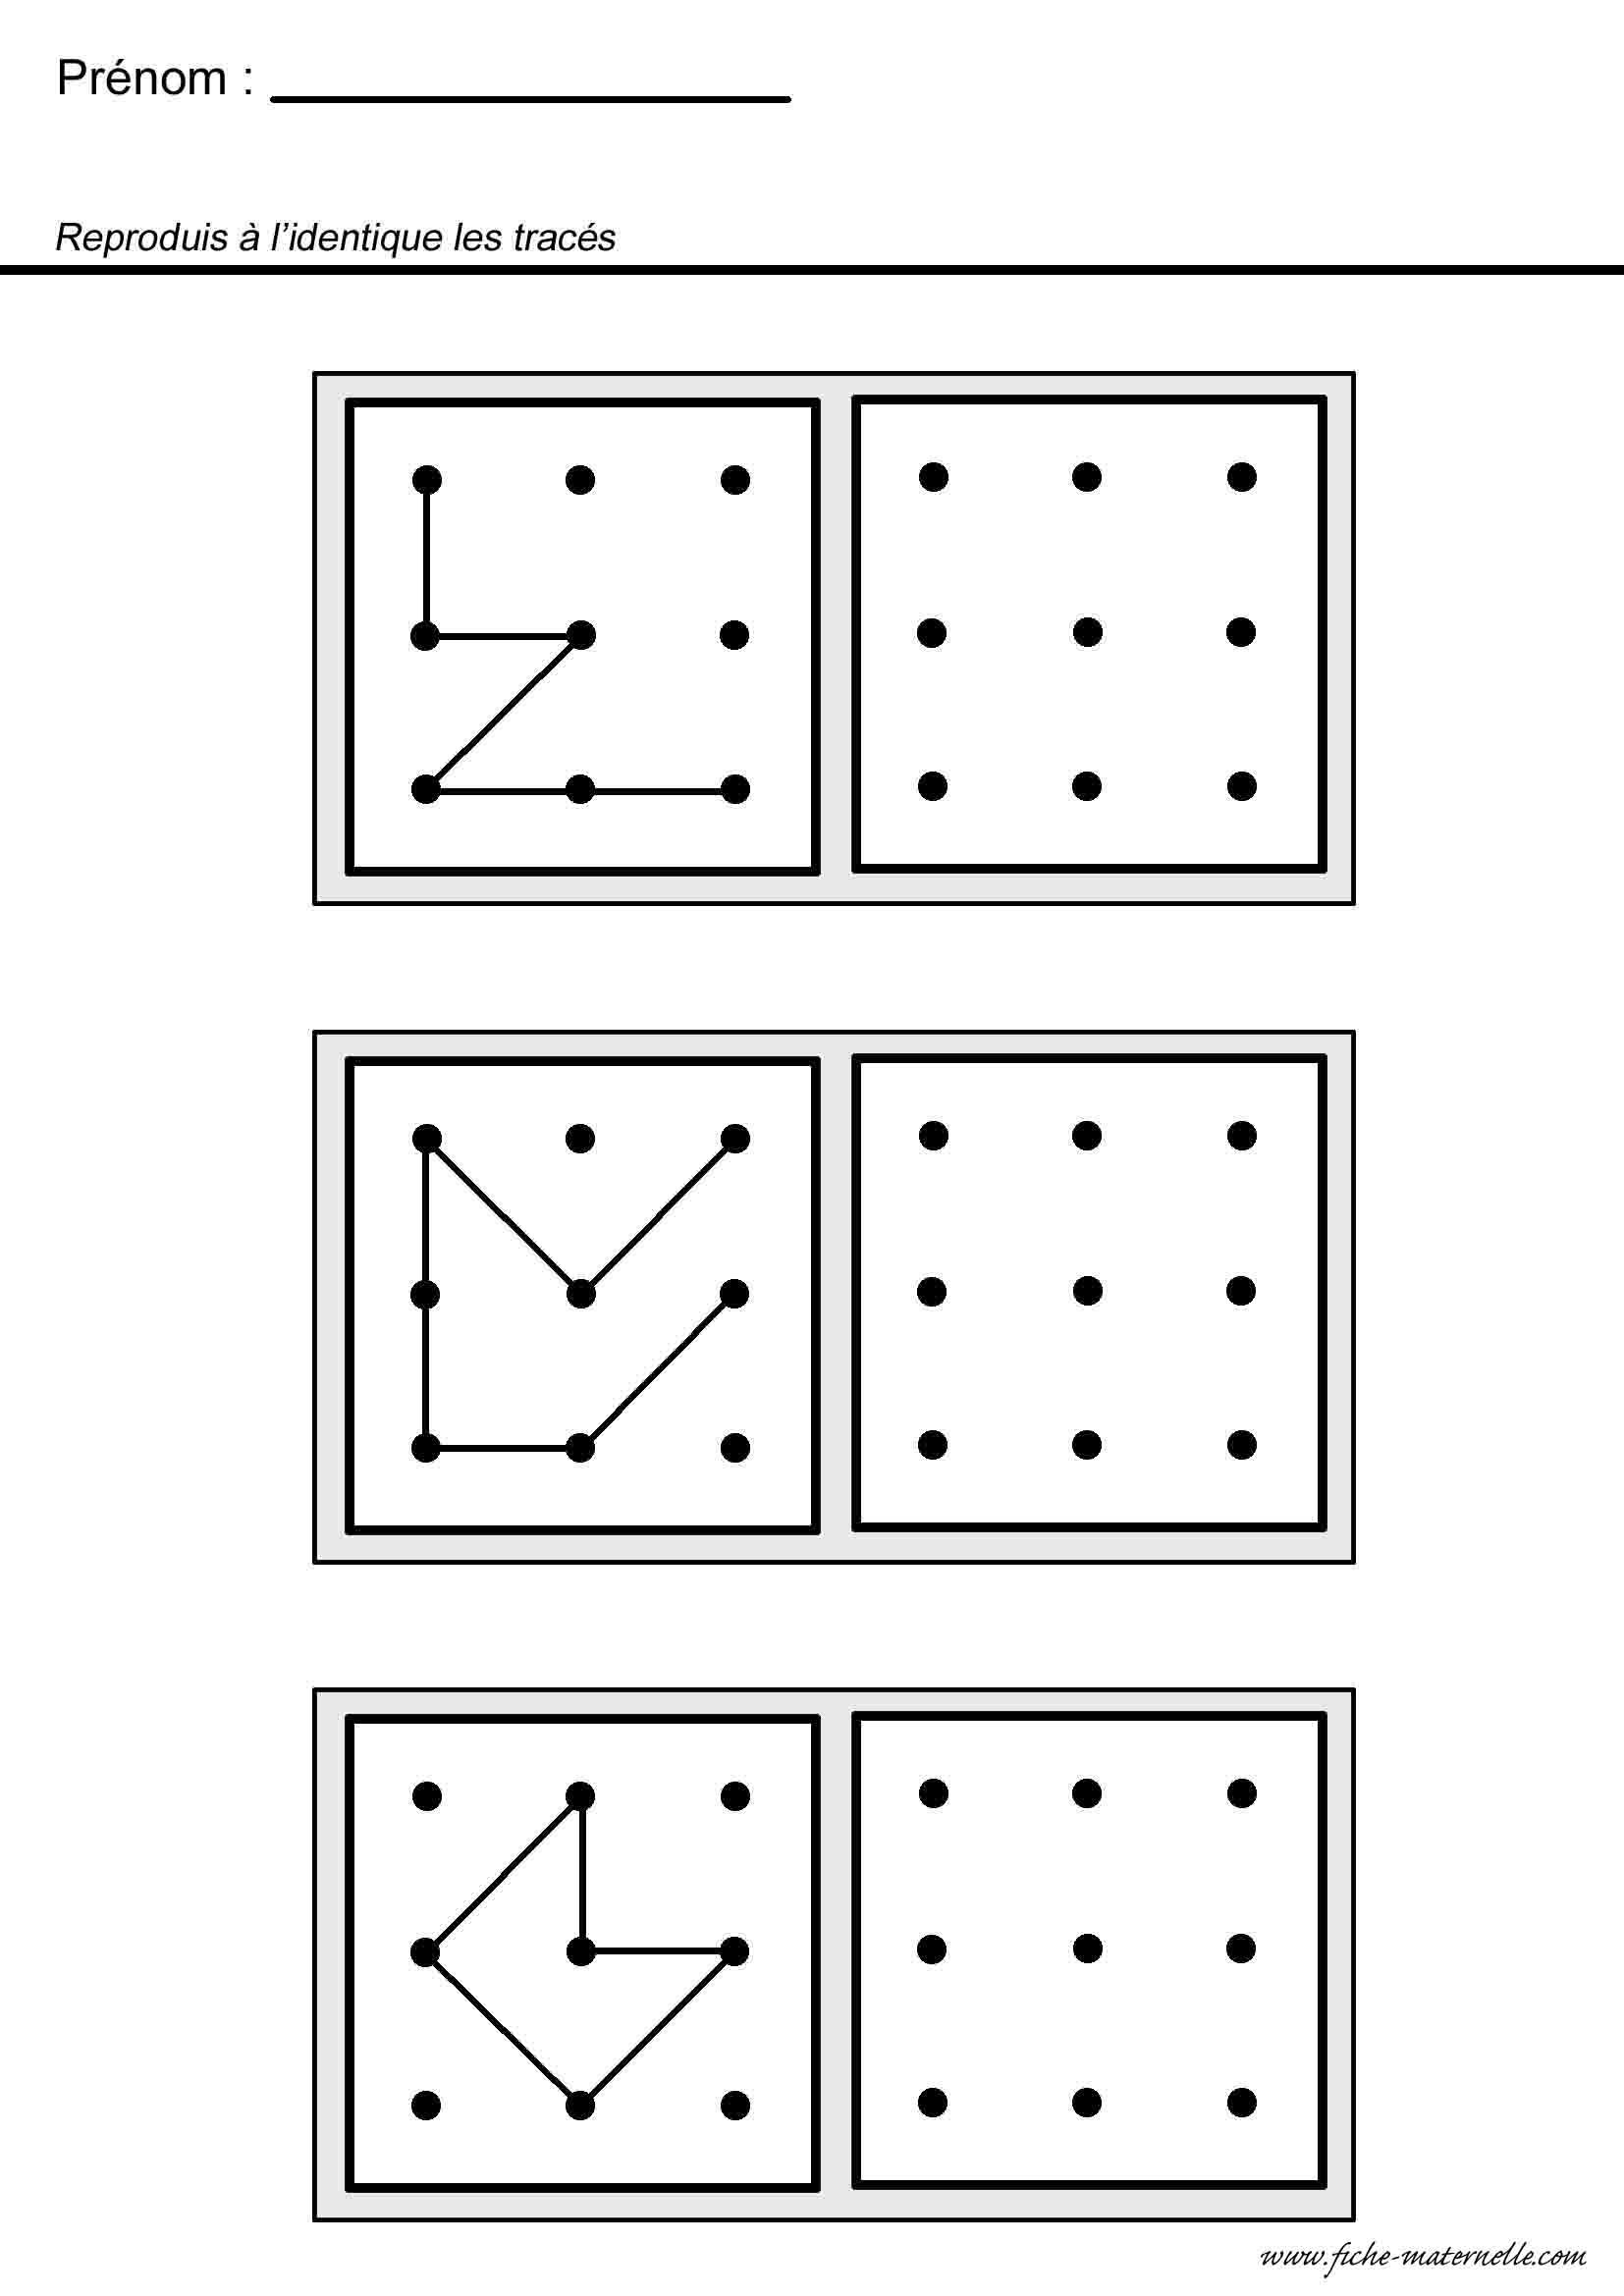 Maternelle Mathématiques Et Géométrie encequiconcerne Reproduire Une Figure